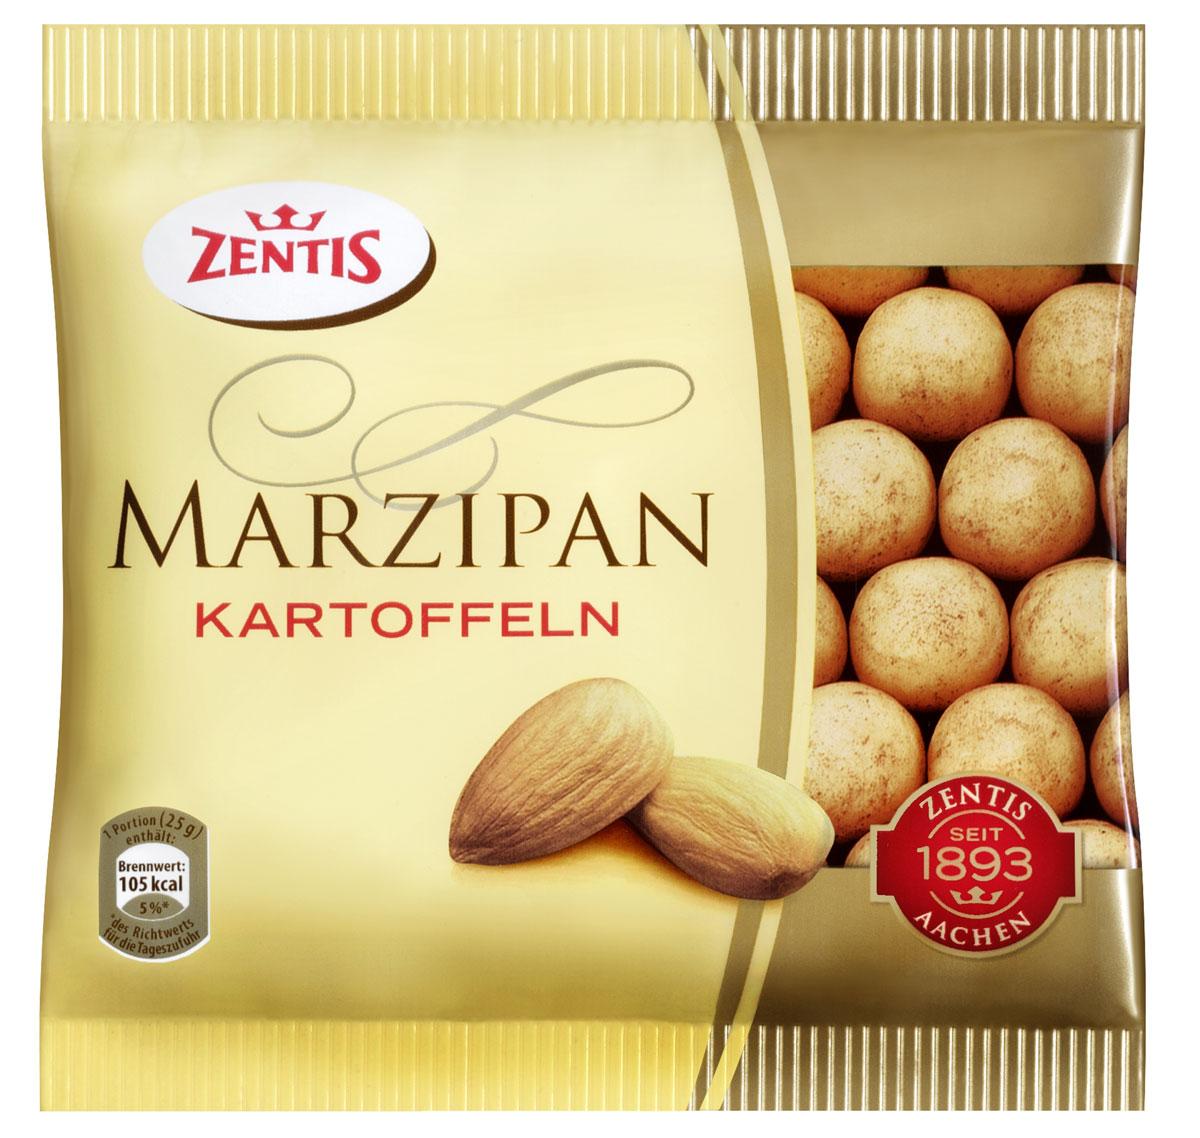 Zentis марципановая картошка, 100 г kinder mini mix подарочный набор 106 5 г